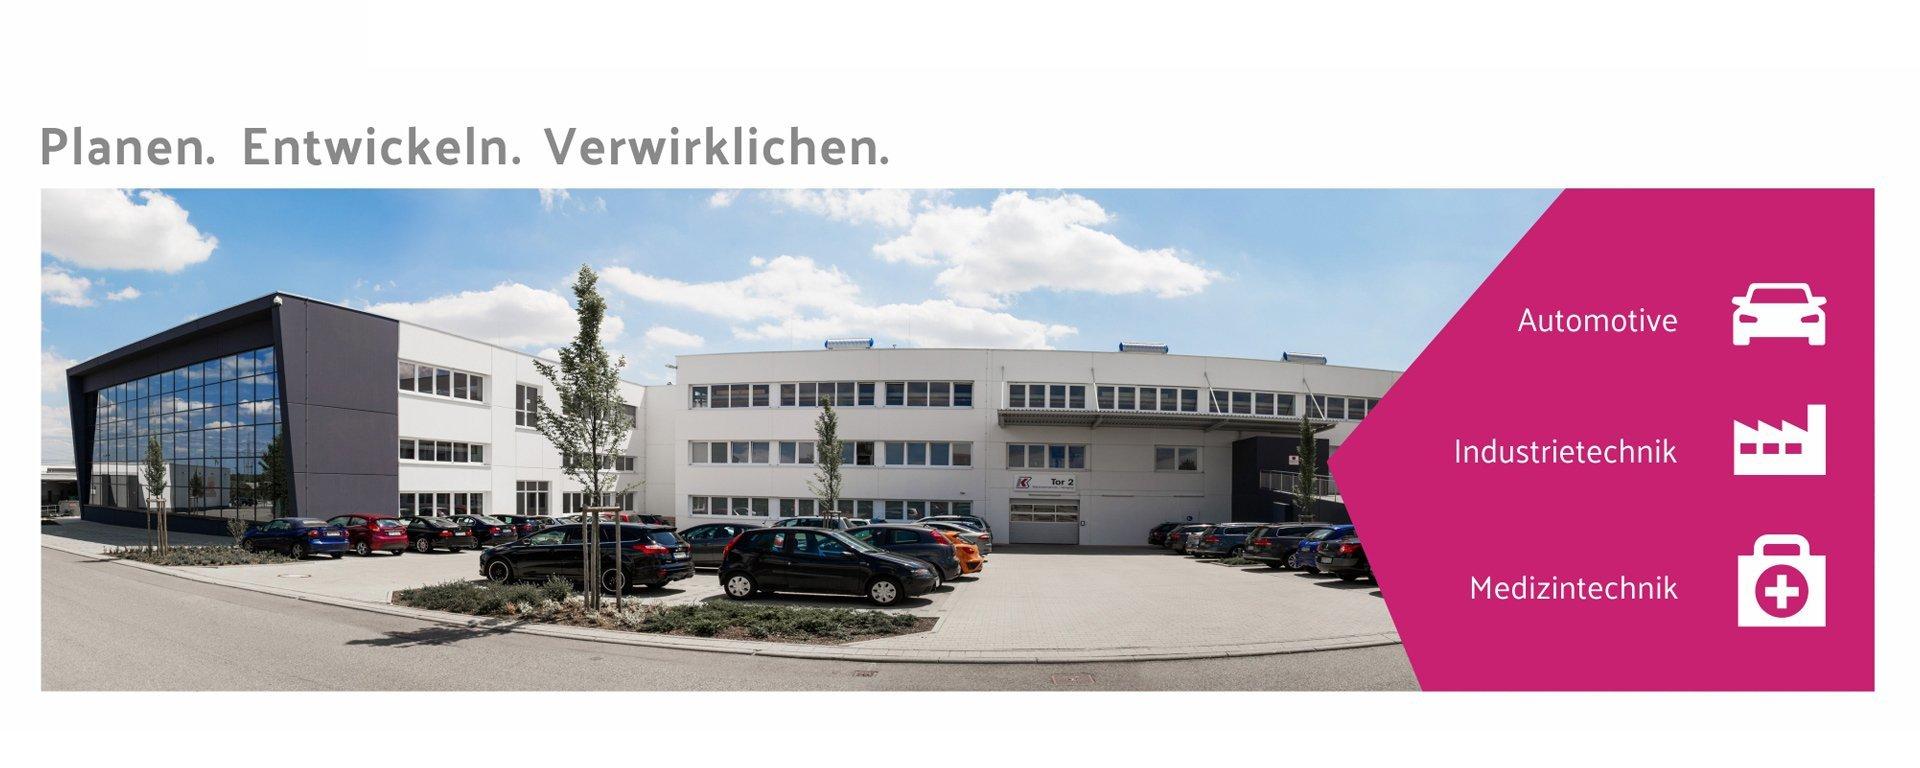 Technischer Anlagen- und Prozessbetreuer (m/w/d) bei KONZELMANN GmbH